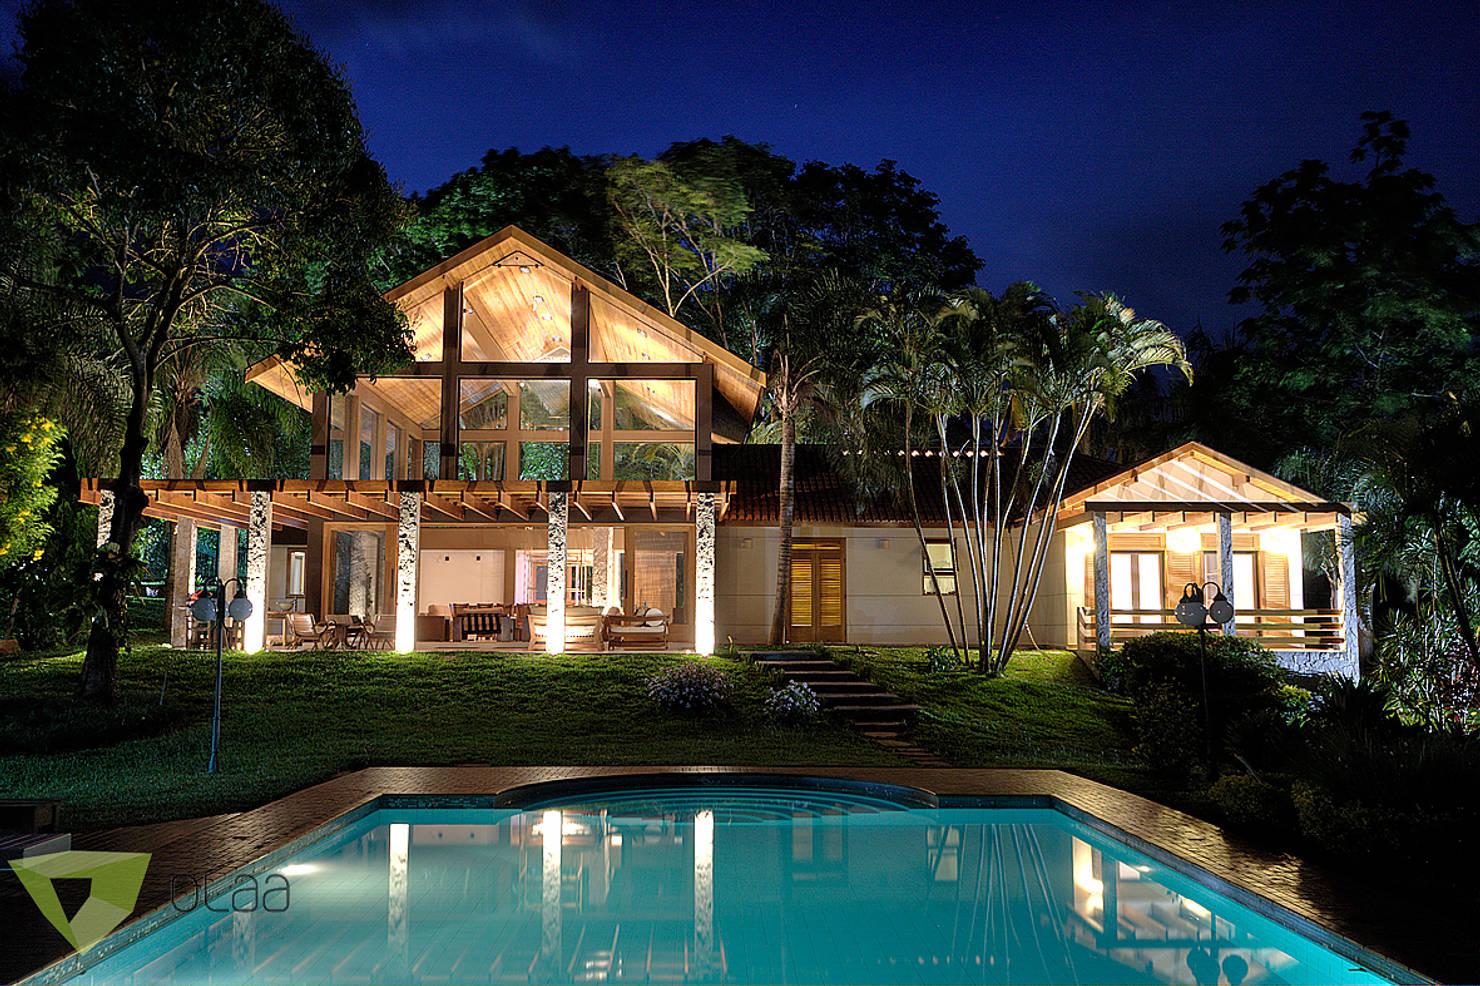 Фантастически красивый деревянный дом